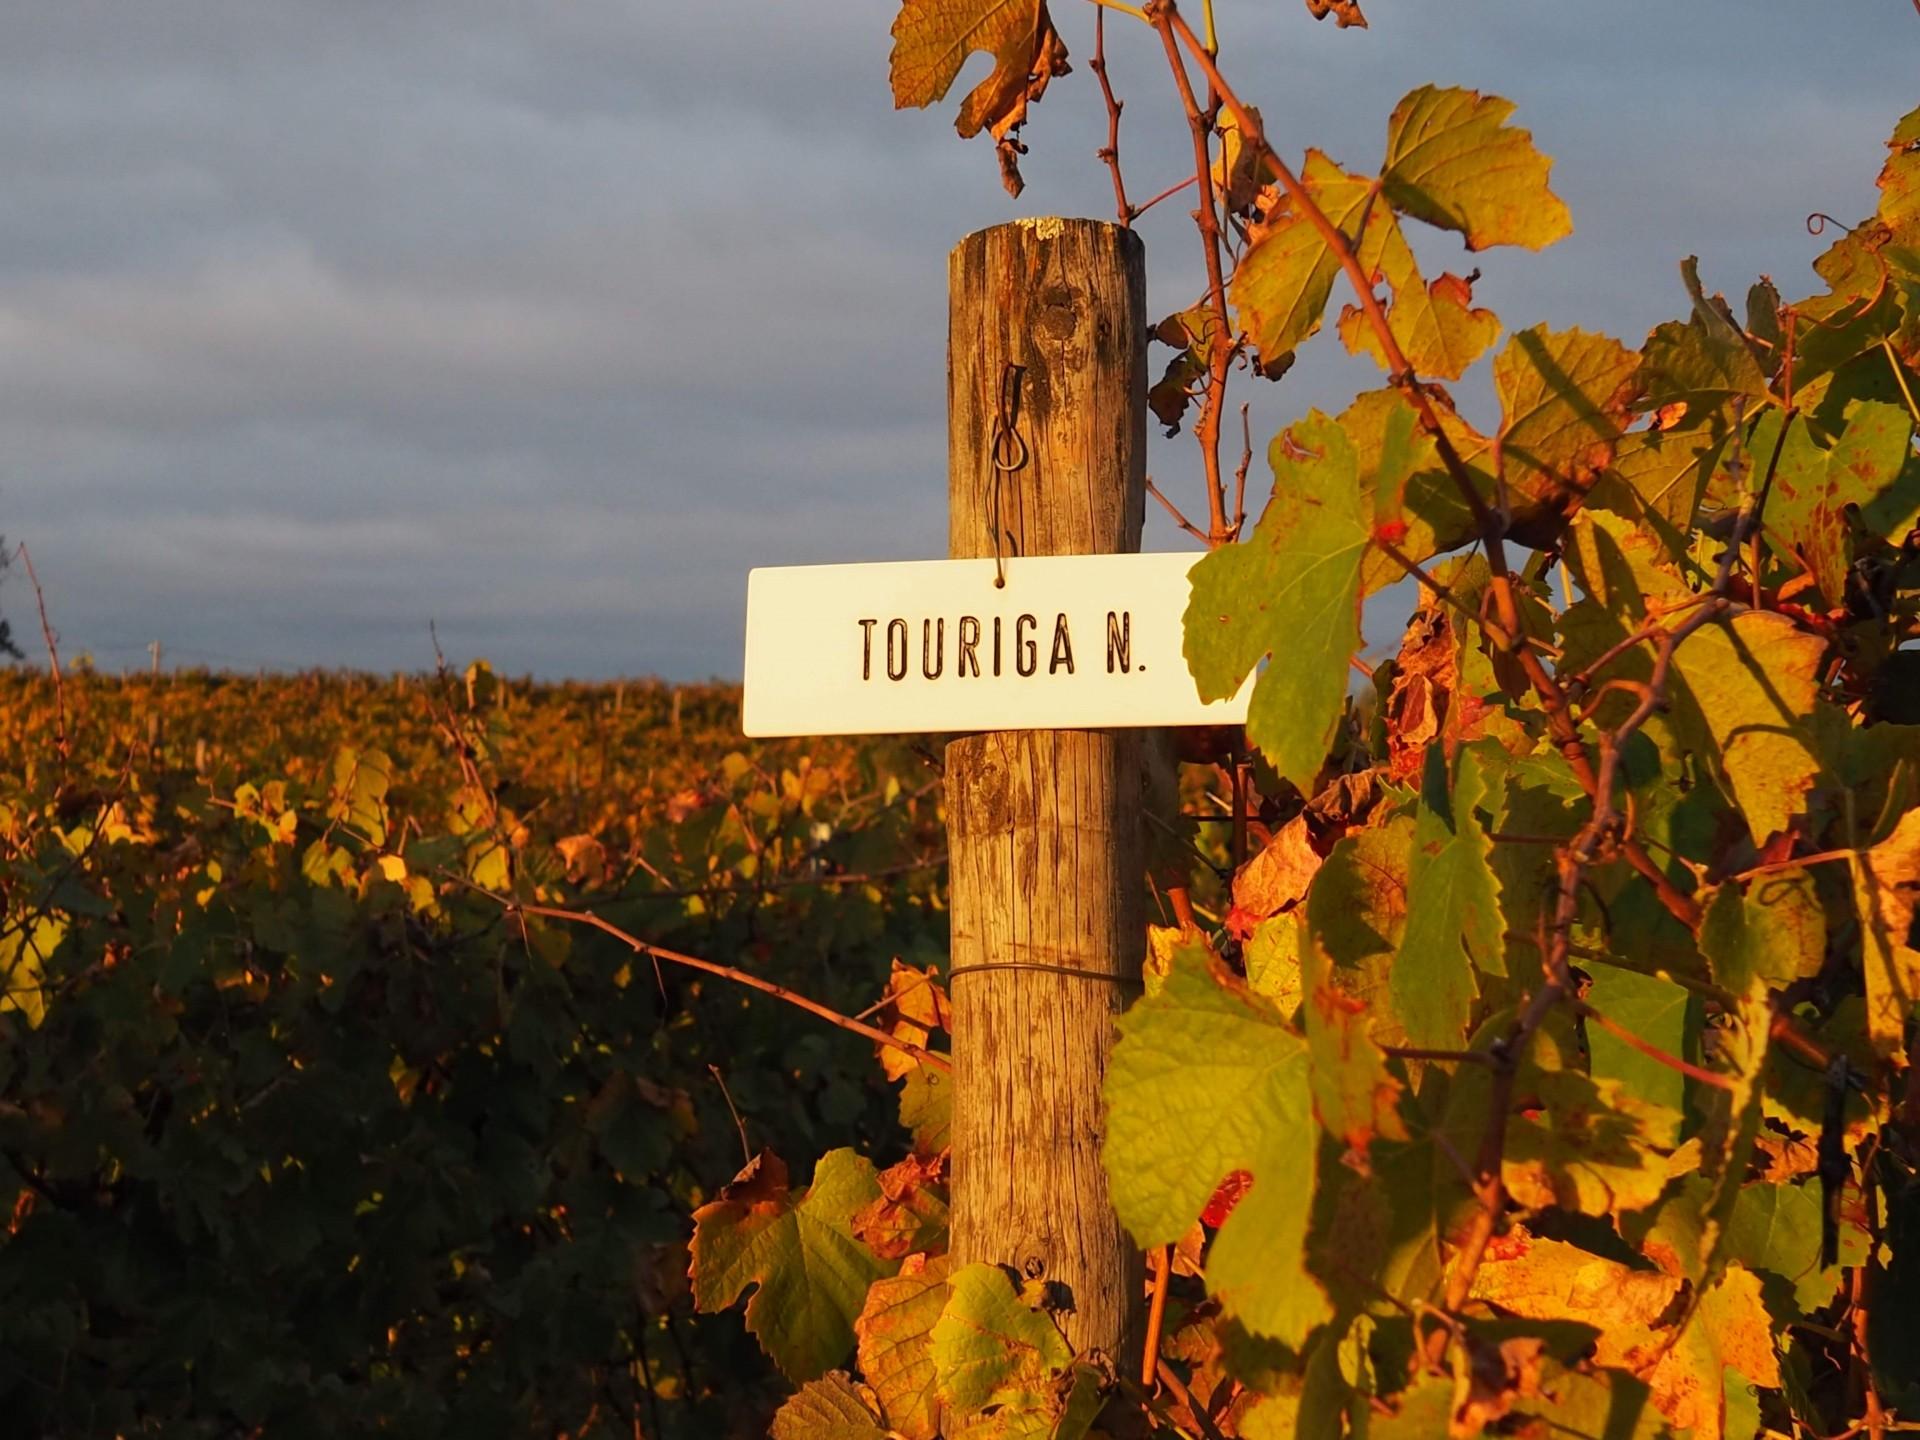 ポルトガルのぶどう畑は秋の色